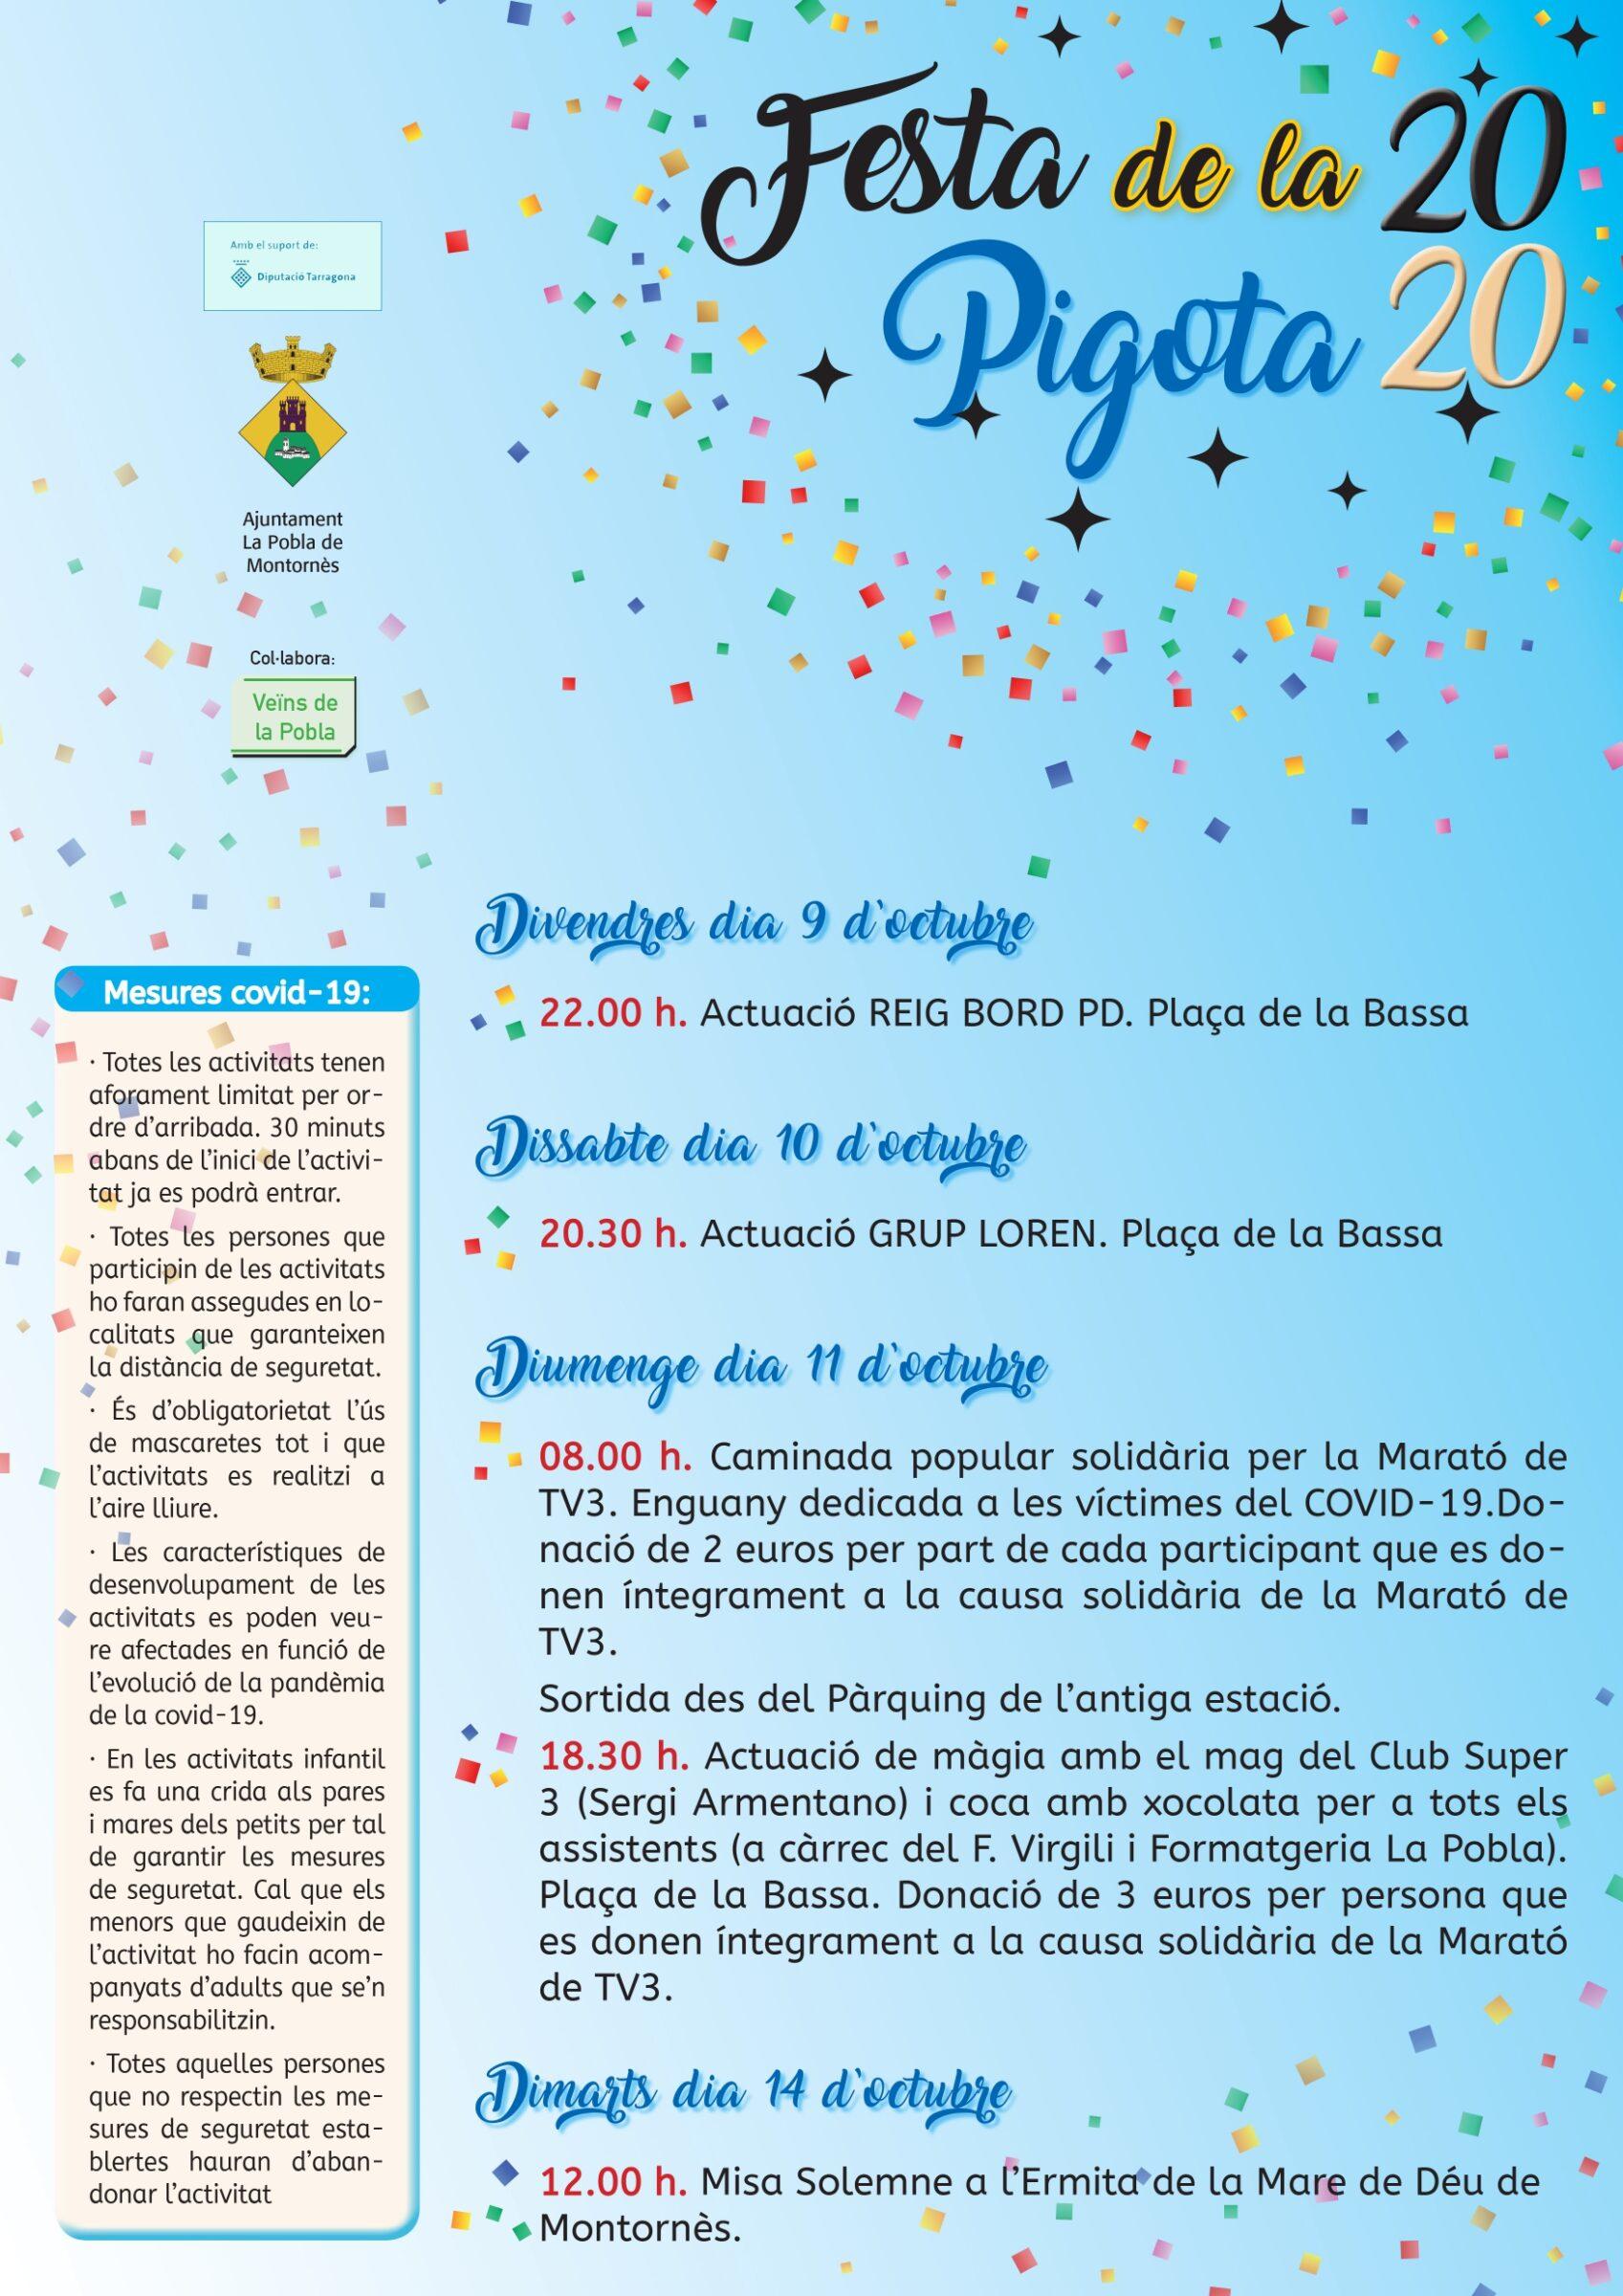 Programa de la Festa de la Pigota 2020